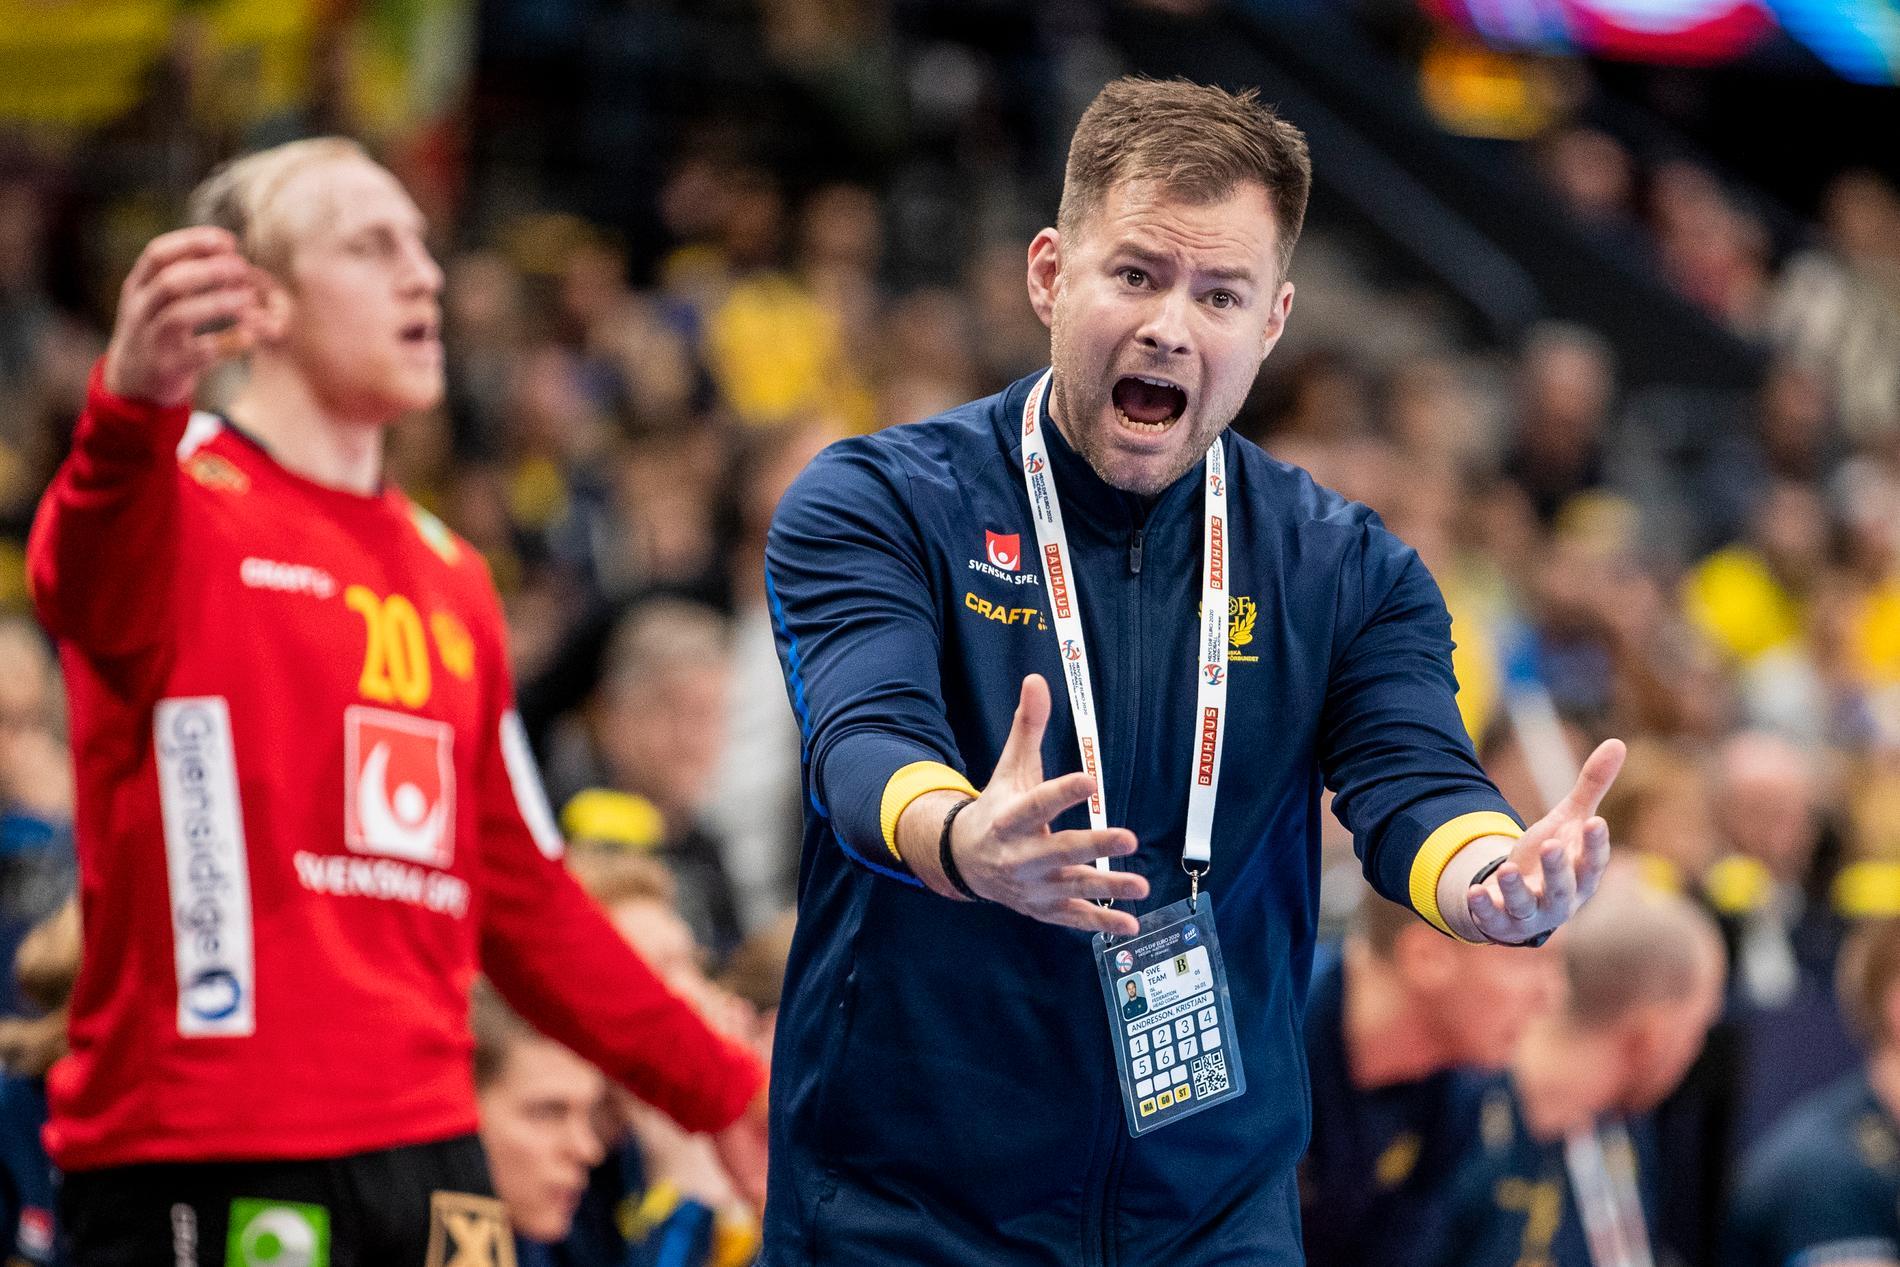 Sveriges förbundskapten Kristján Andrésson.